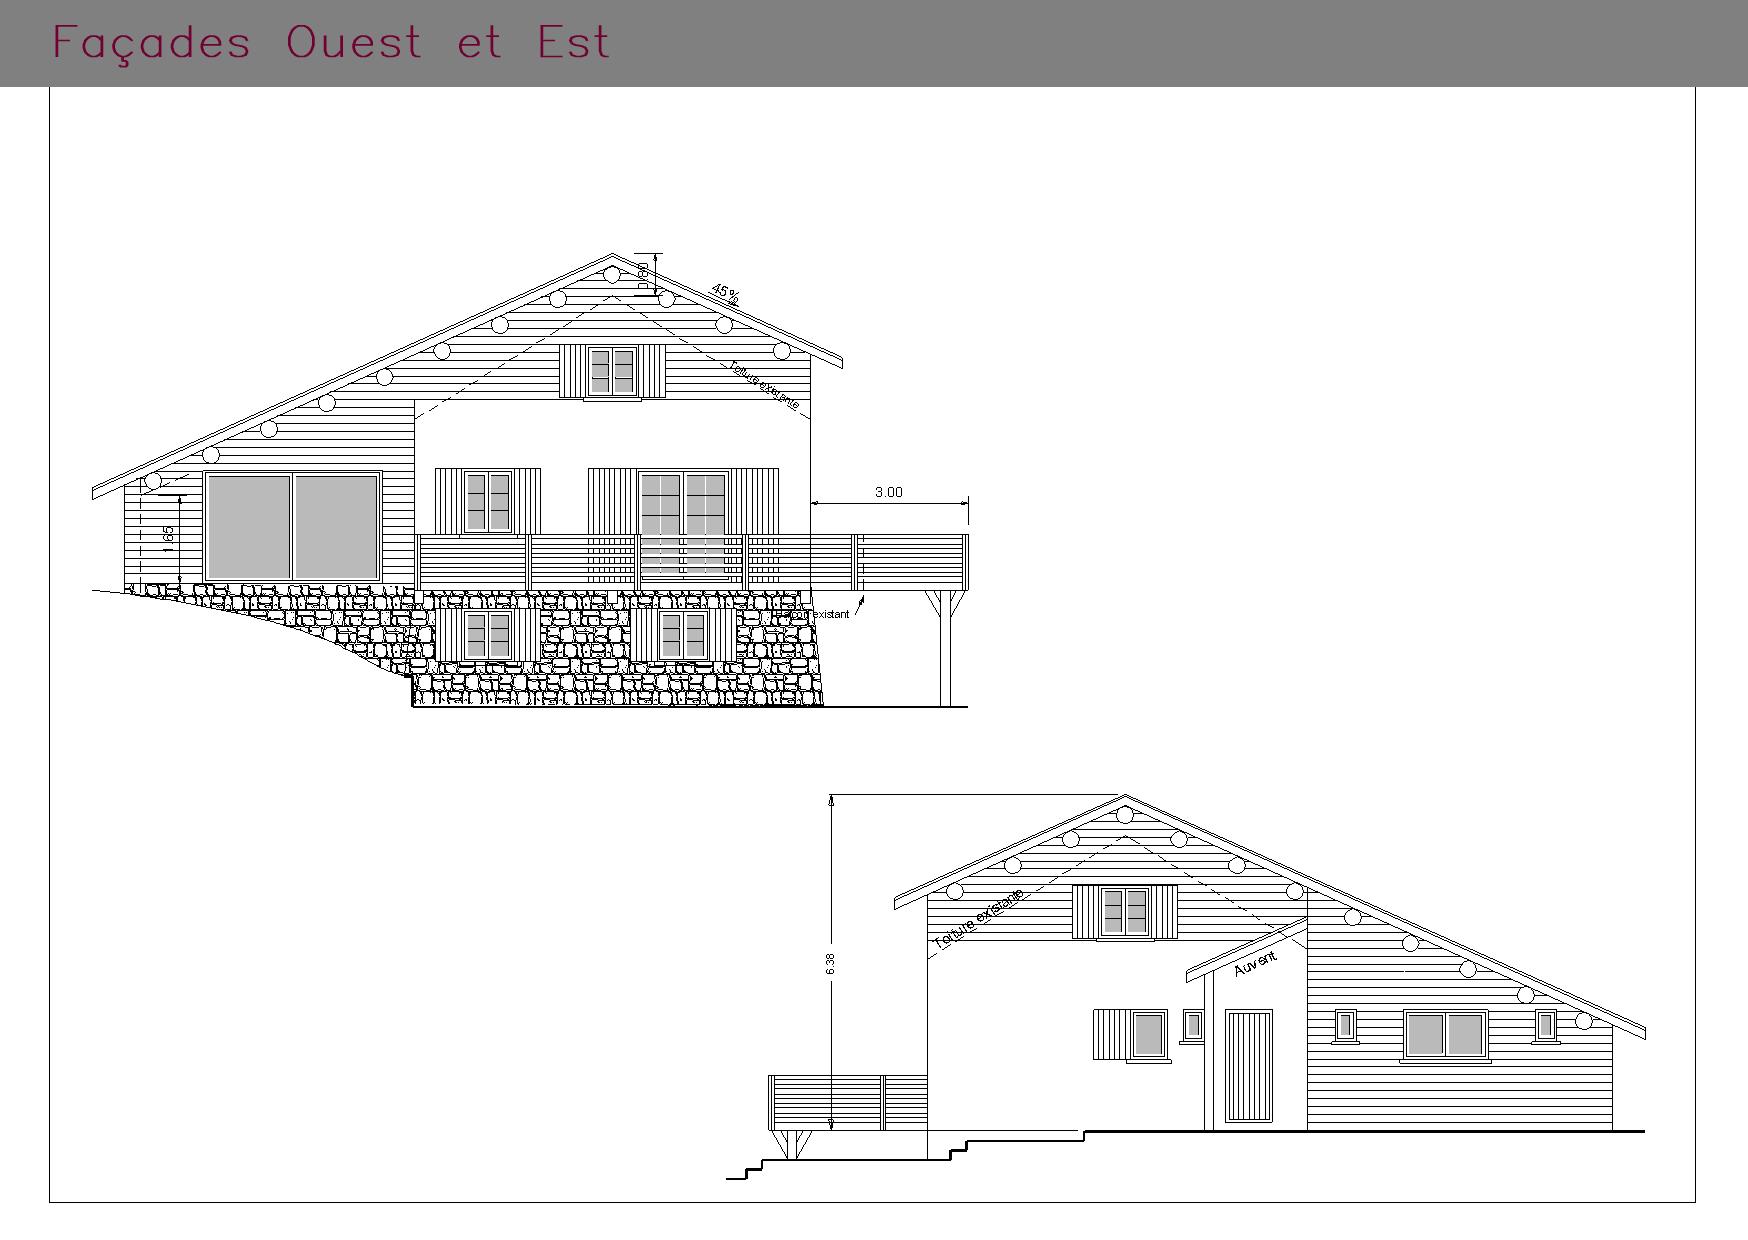 Plans des façades d'une habitation à la montagne